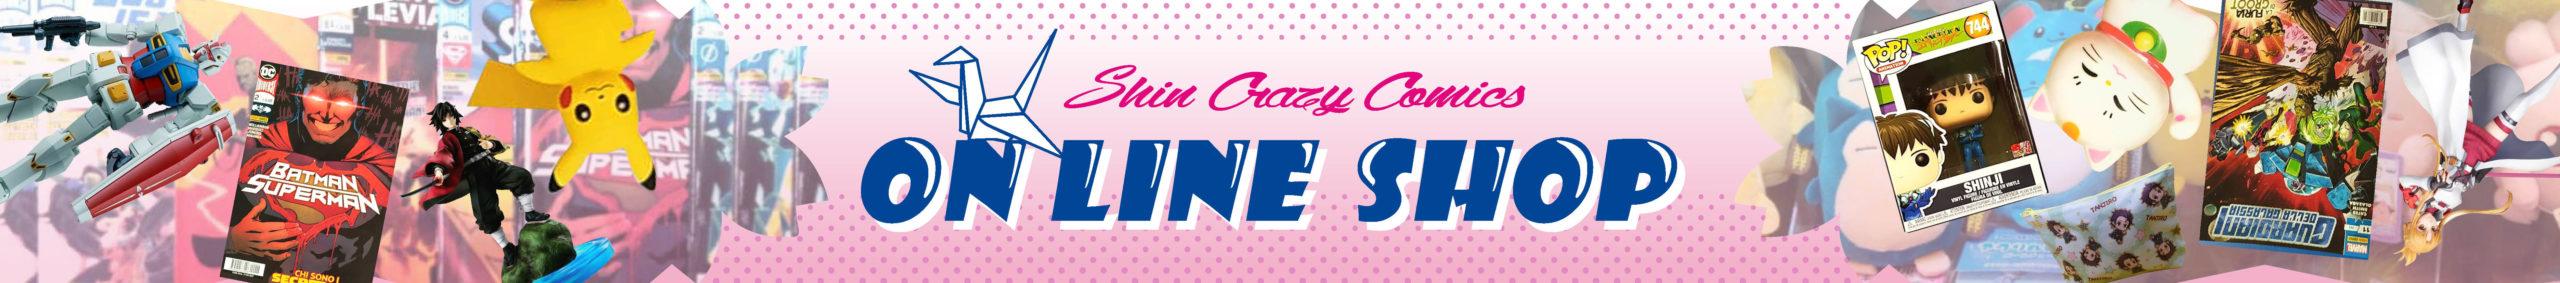 Shin Crazy Comics